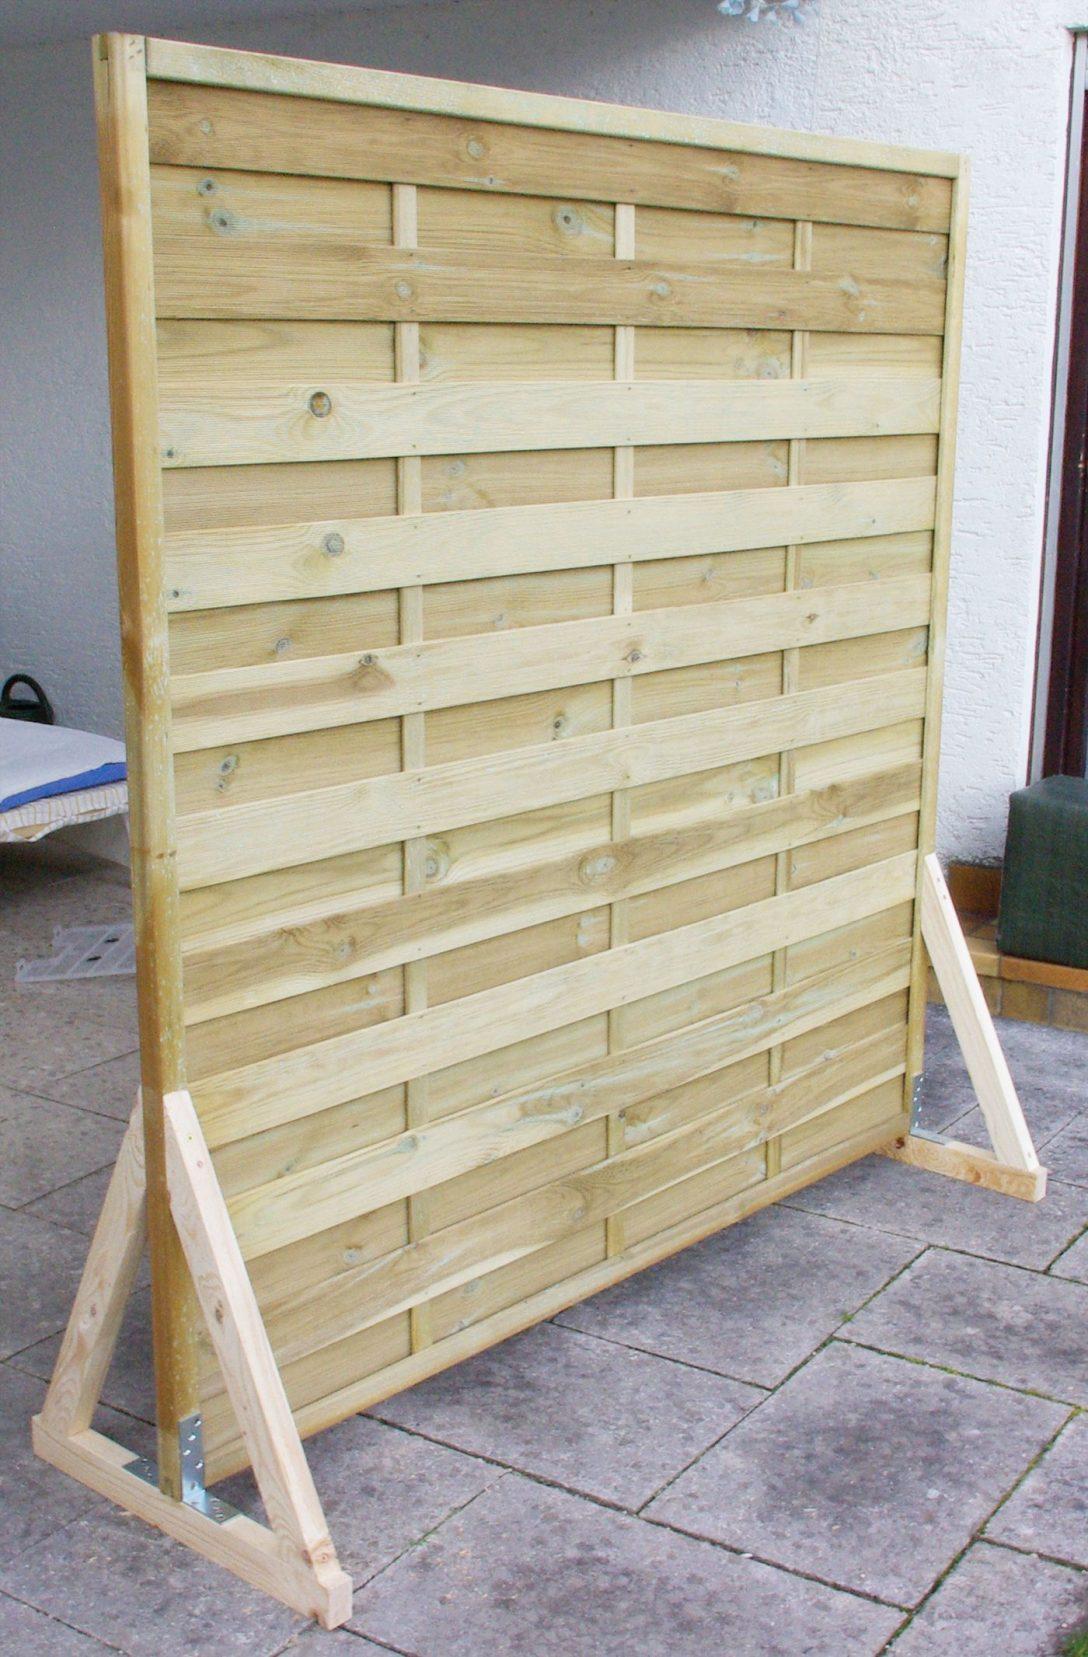 Full Size of Paravent Balkon Ikea Garten Bauhaus Wetterfest Selber Bauen Hornbach Holz Sofa Mit Schlaffunktion Küche Kosten Betten 160x200 Modulküche Bei Miniküche Wohnzimmer Paravent Balkon Ikea